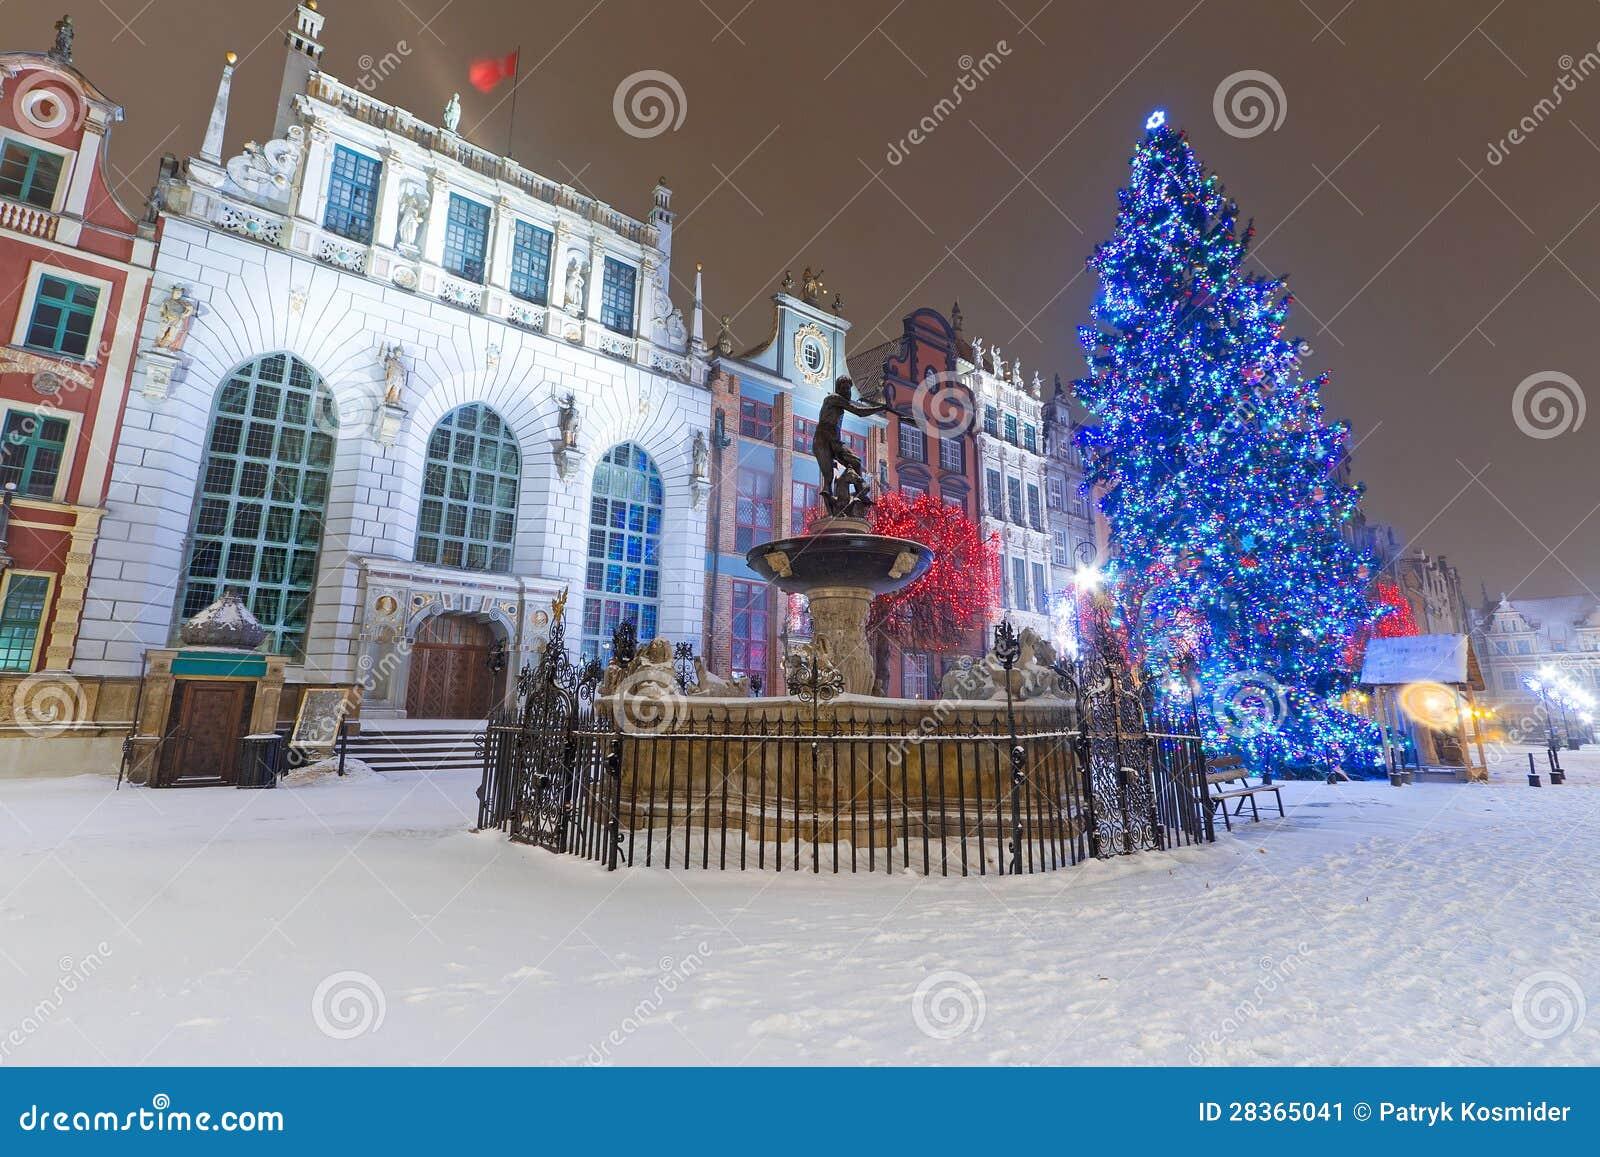 artus gericht in der winterlandschaft mit weihnachtsbaum. Black Bedroom Furniture Sets. Home Design Ideas